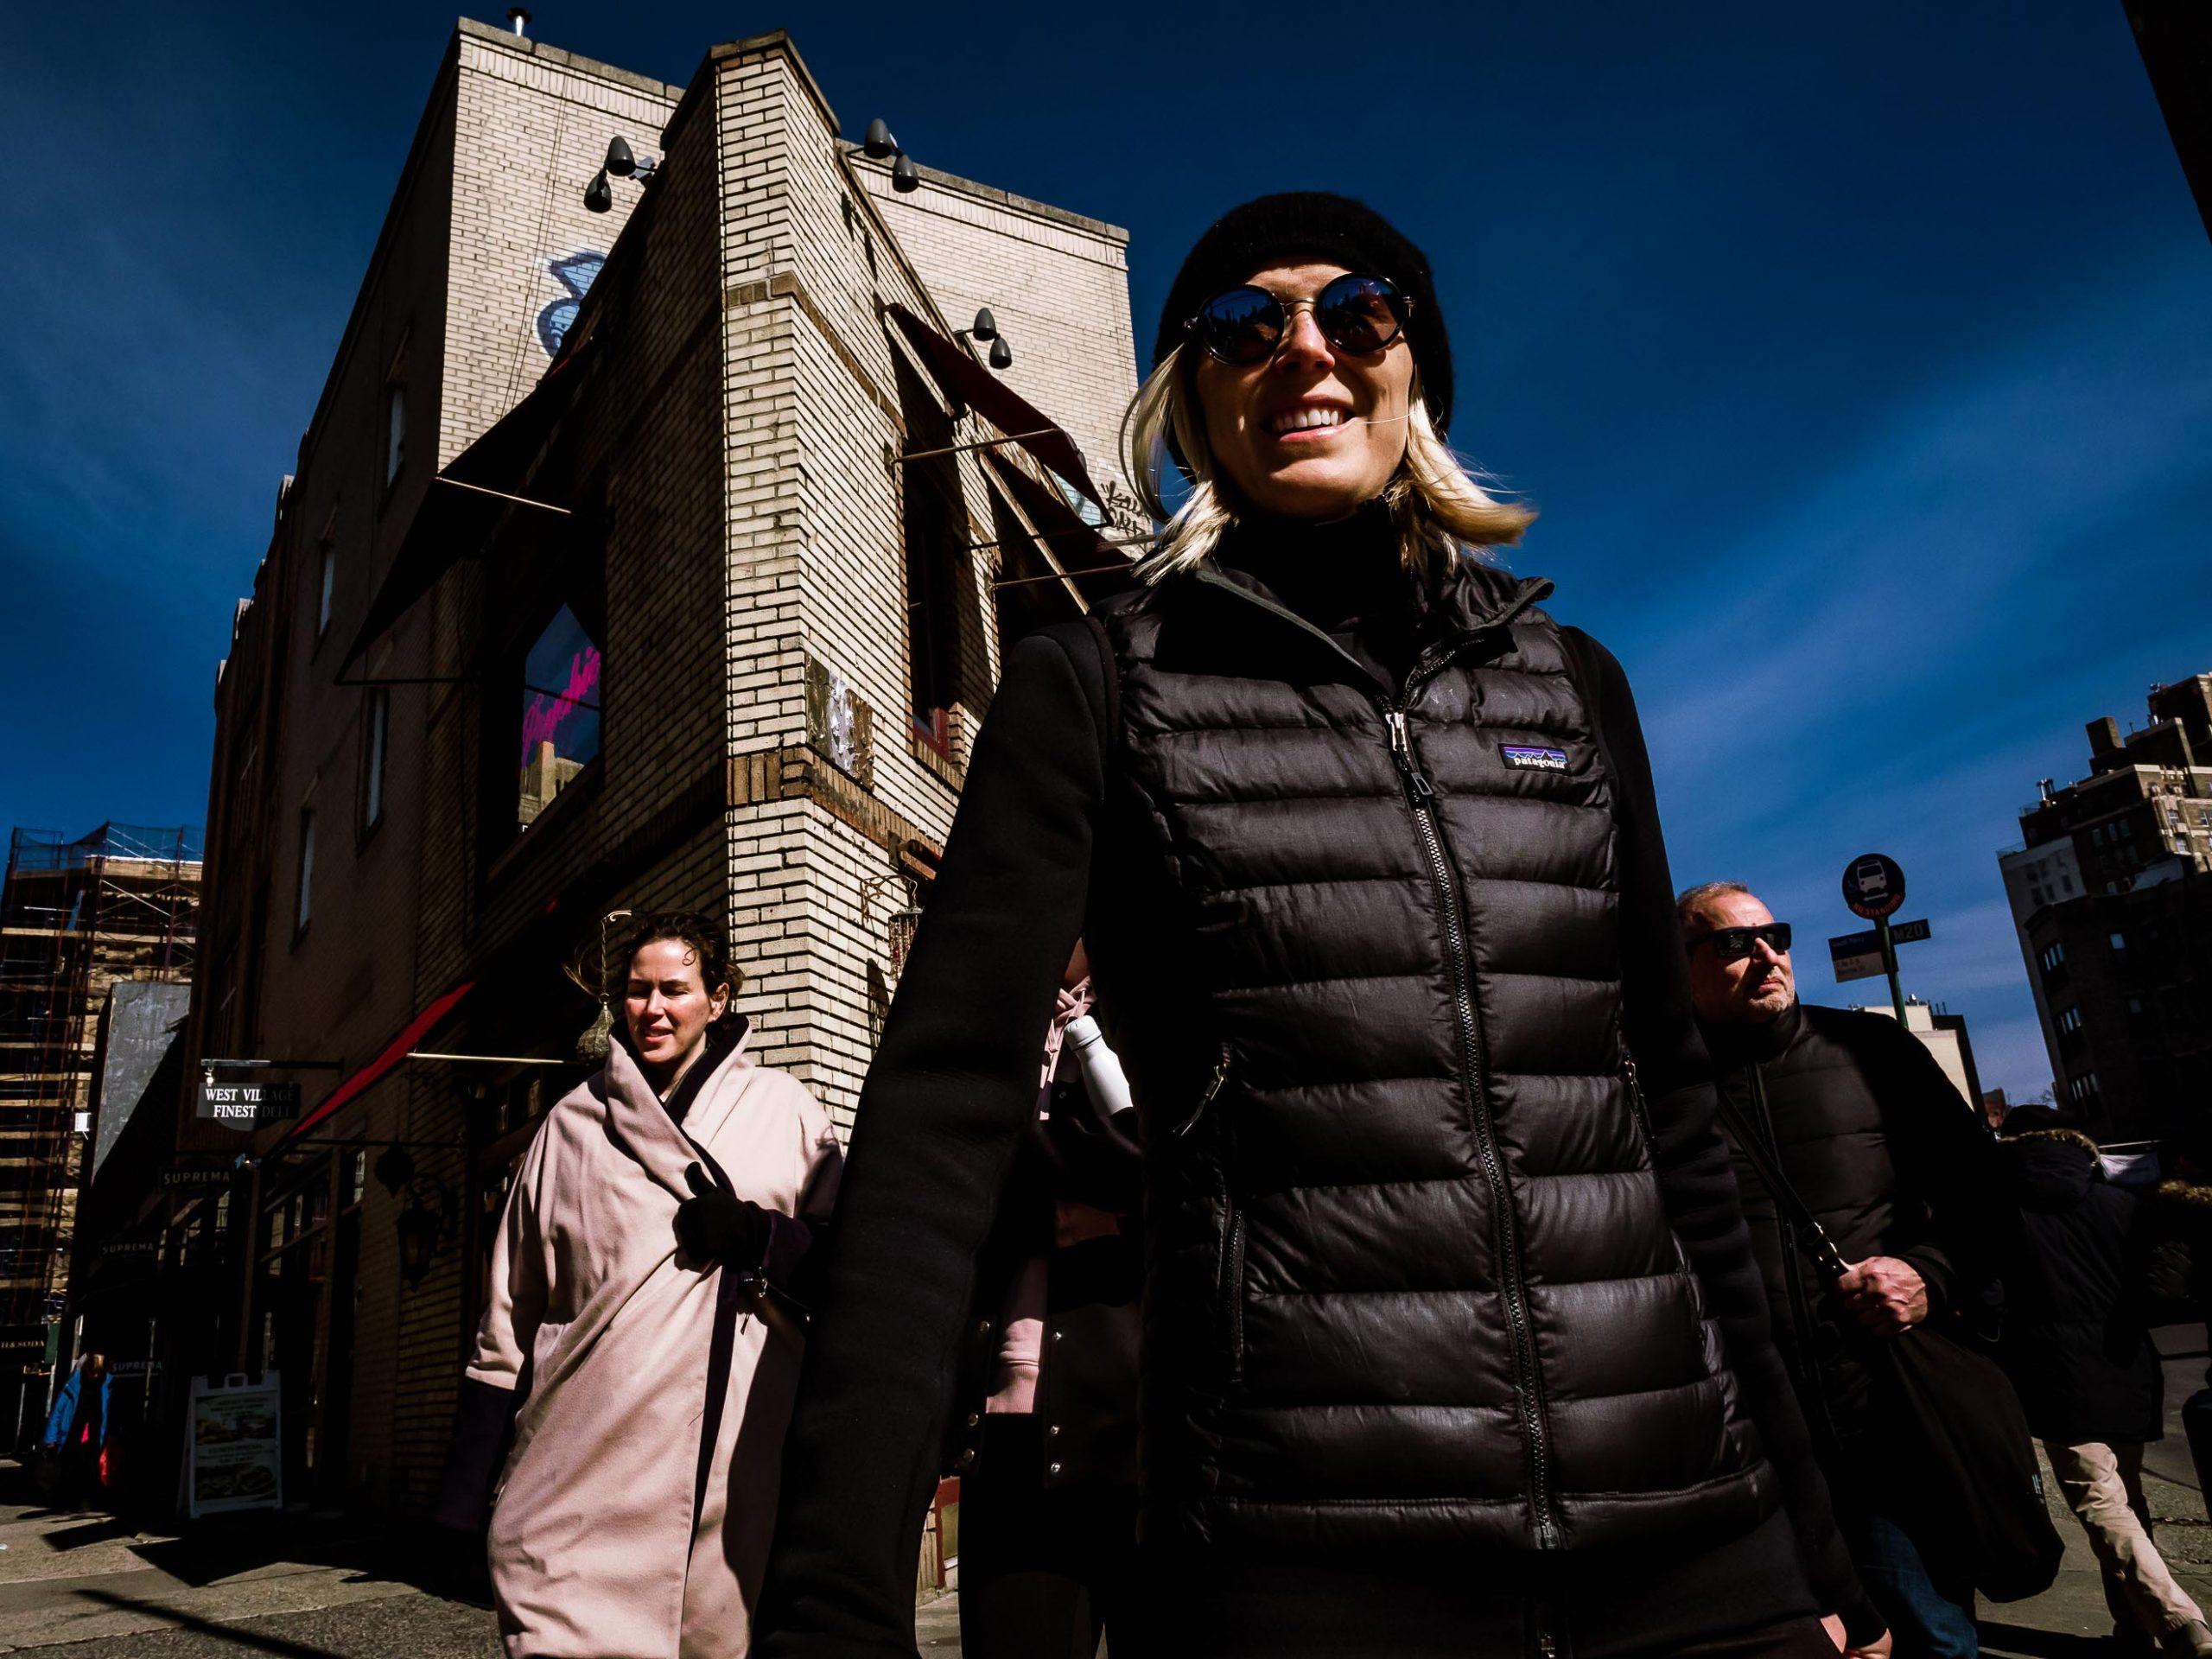 Gruppe von Menschen in New York City an einer Strassenecke